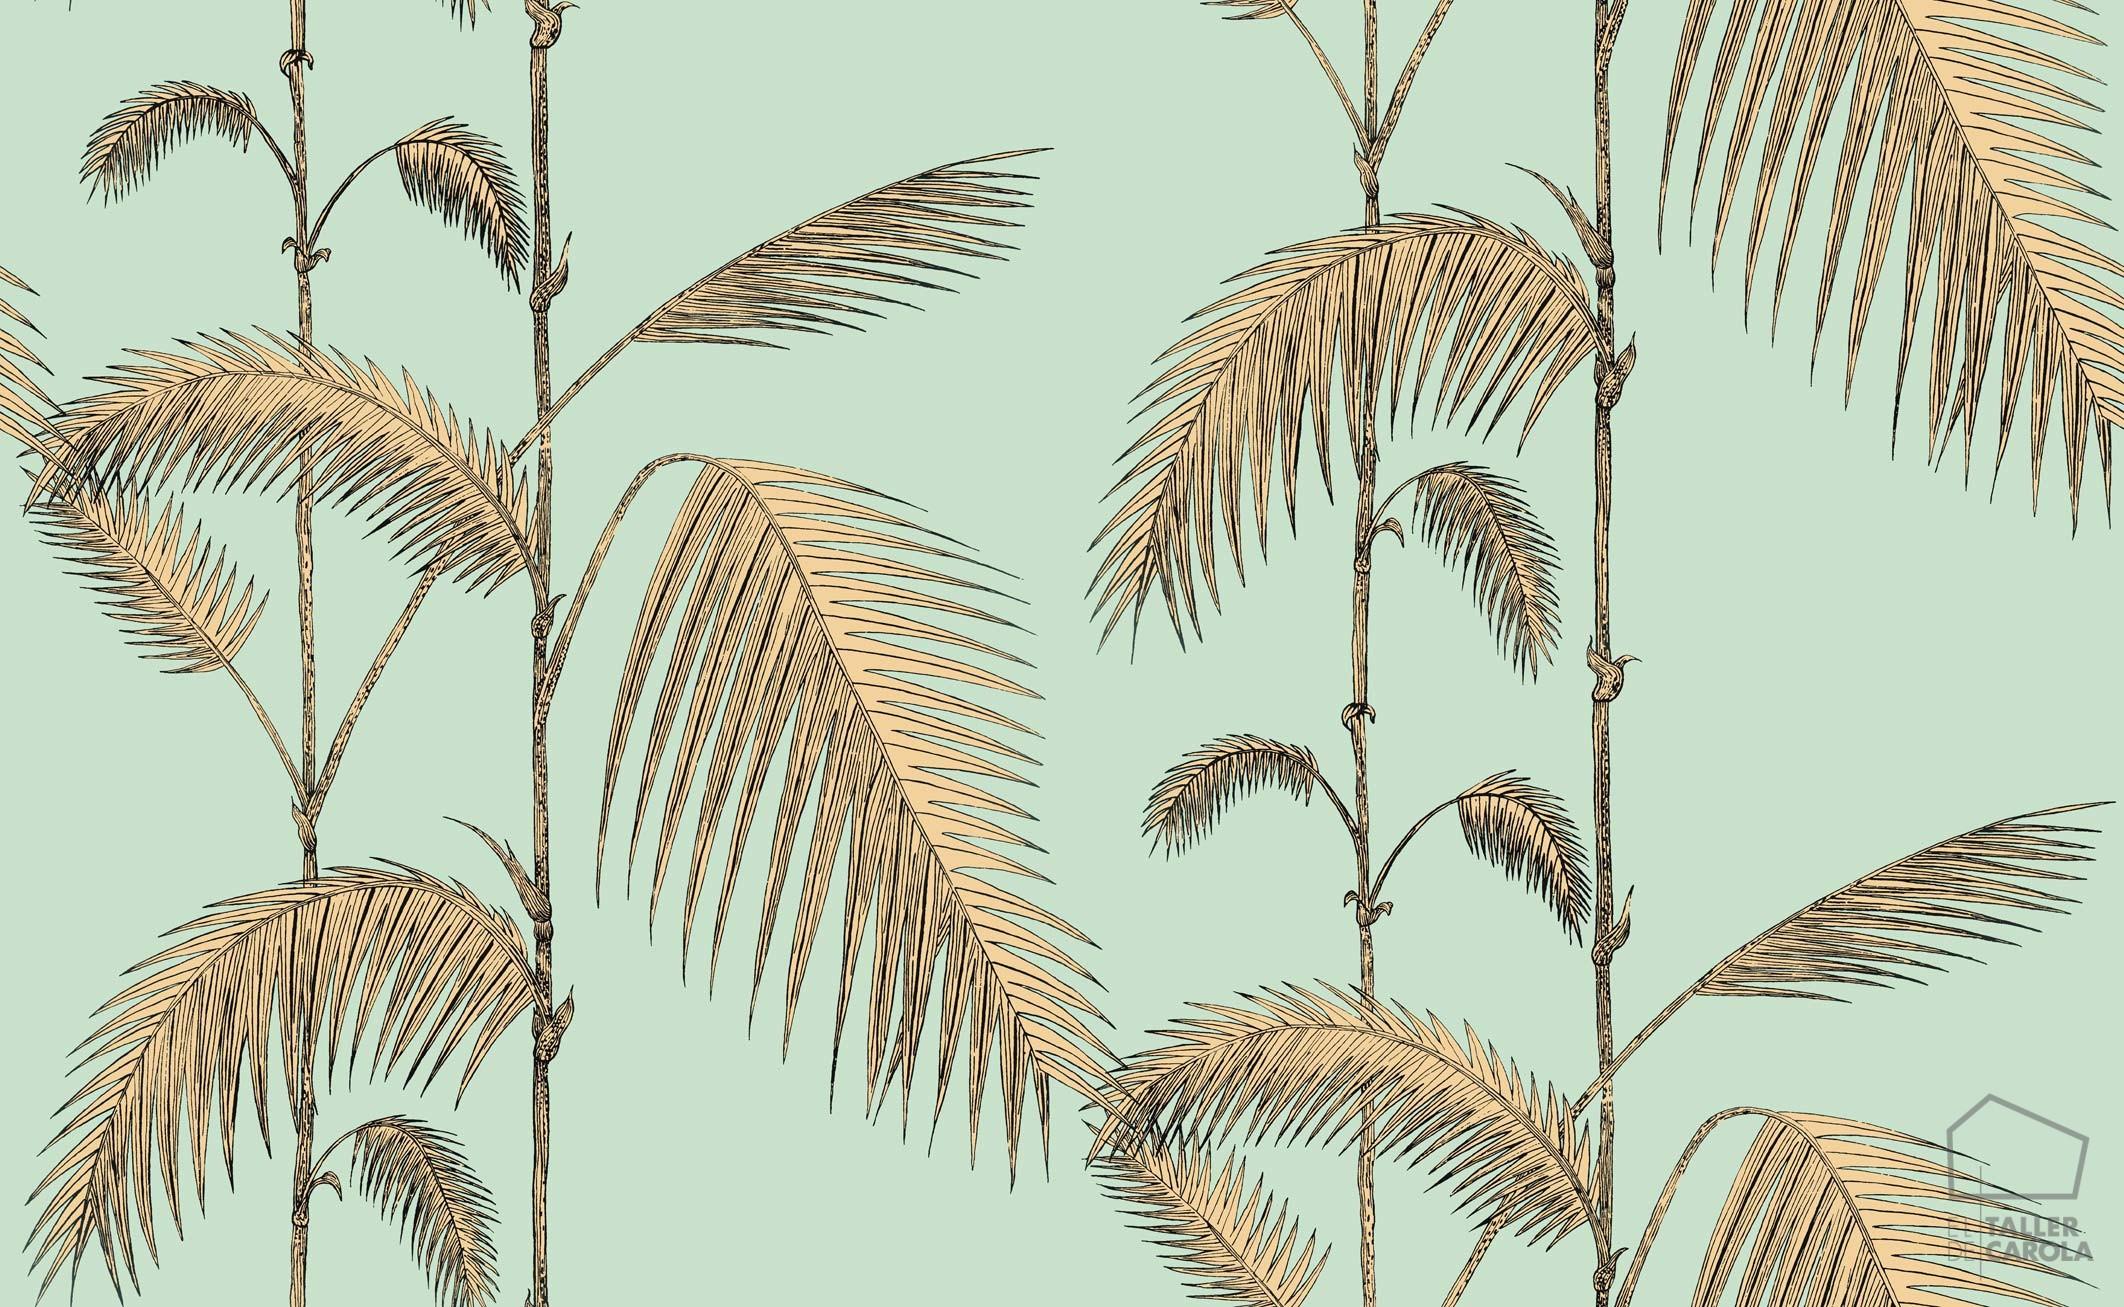 papel pintado palmeras ocre el taller de carola